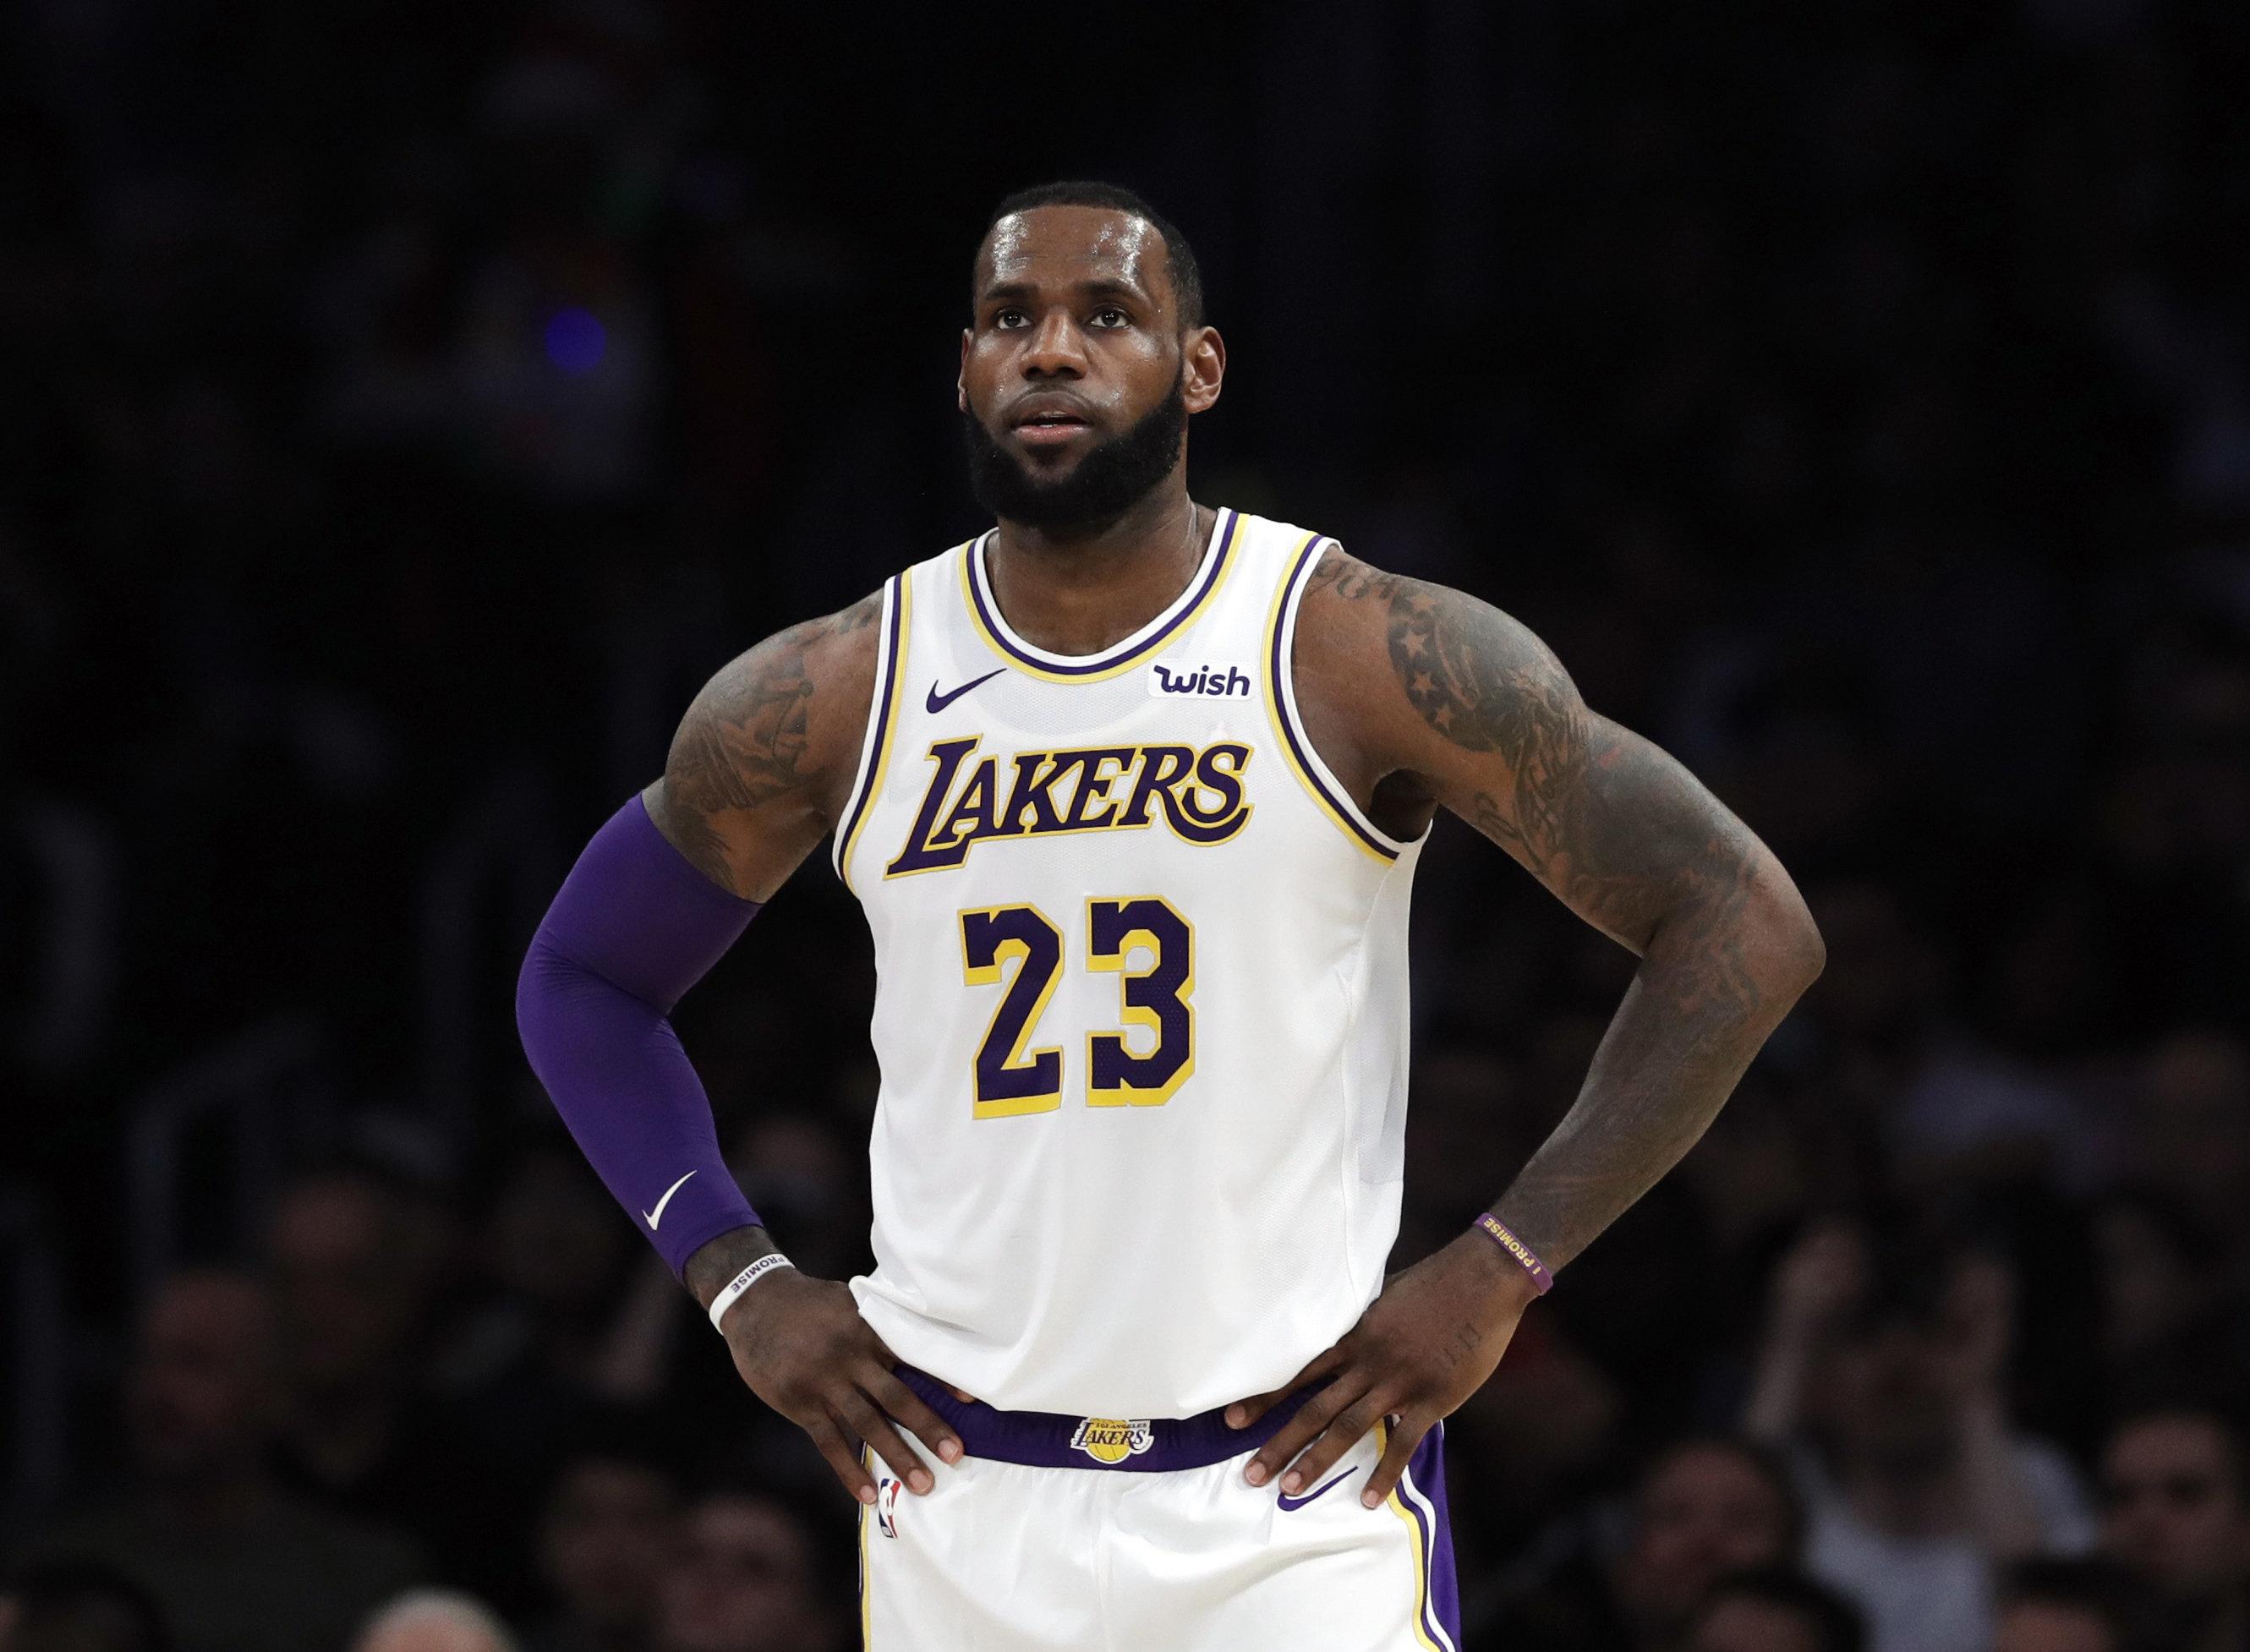 ARCHIVO - Esta foto del 23 de diciembre de 2018 muestra a LeBron James, de los Lakers de Los Ángeles, durante un partido ante los Grizzlies de Memphis (AP Foto/Marcio José Sánchez, archivo)